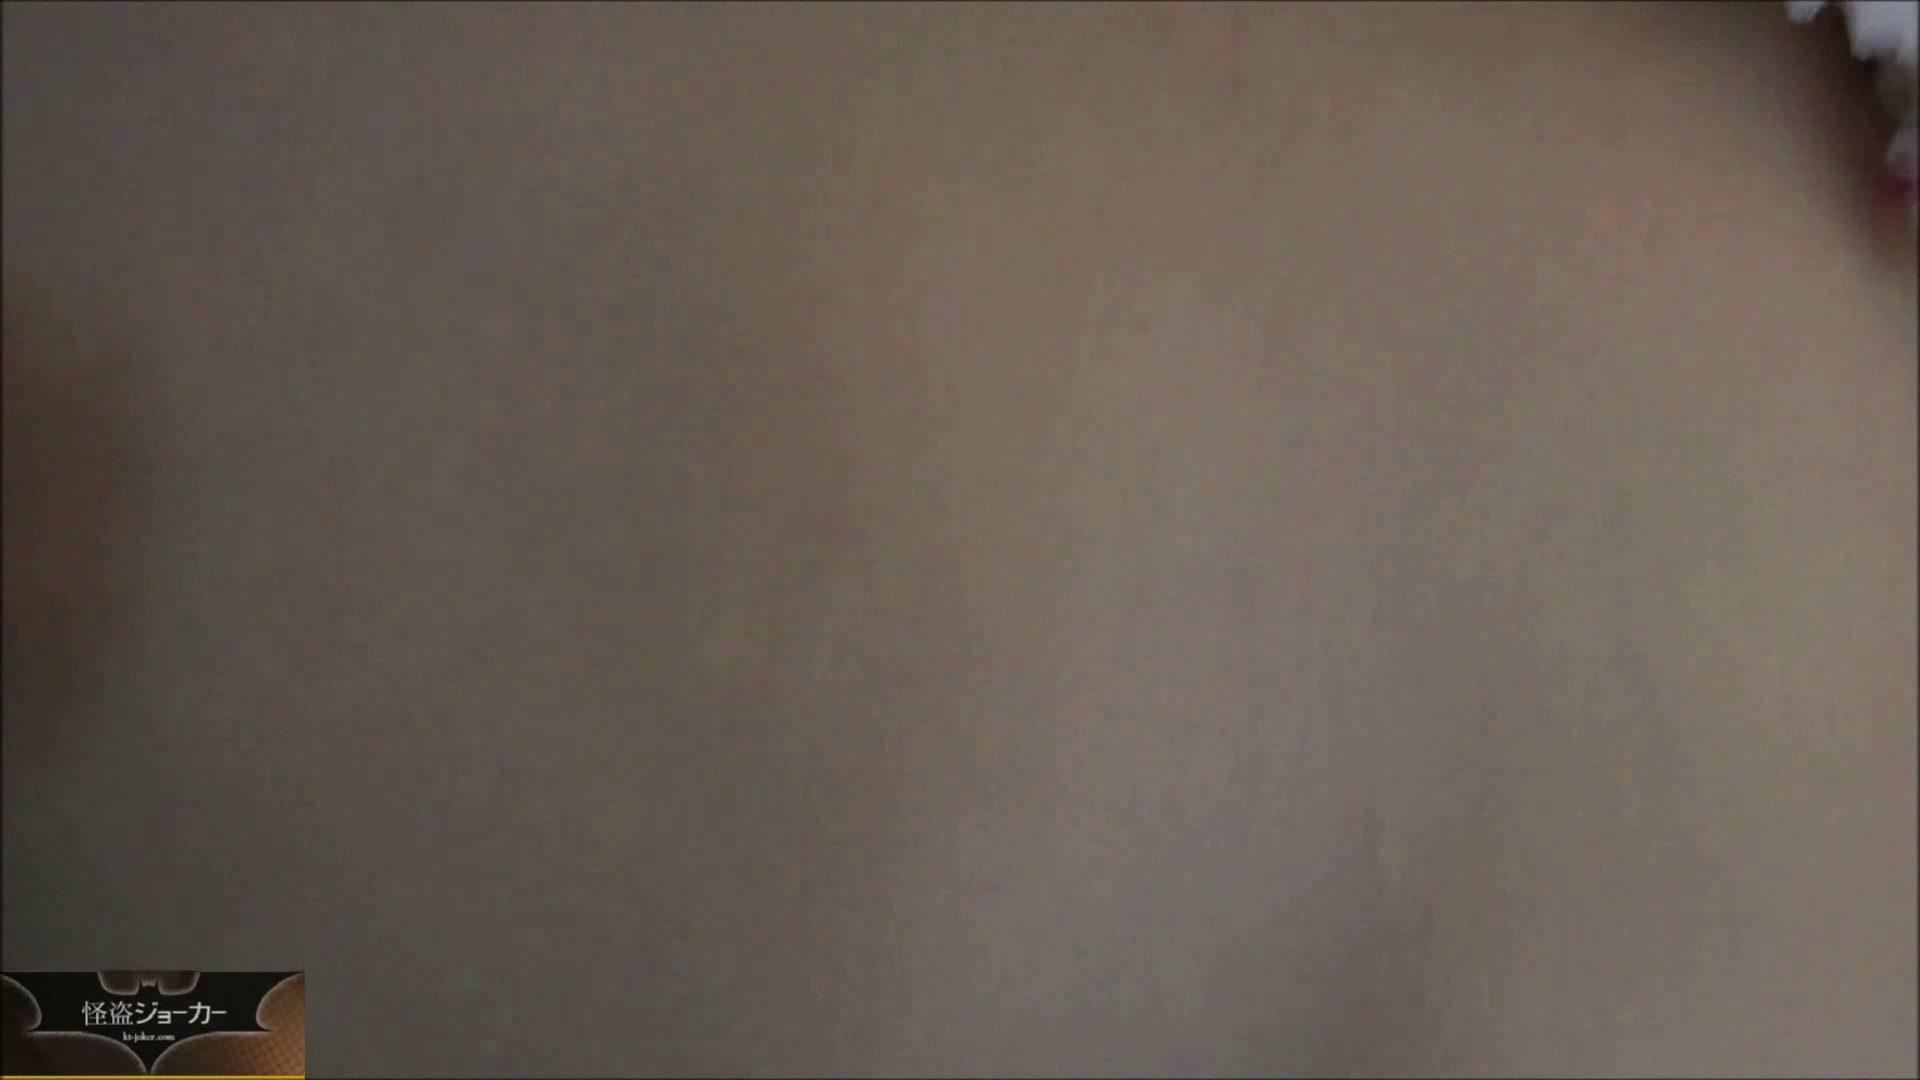 【未公開】vol.23 ユリナ、寝取られのアト。 0  88連発 6